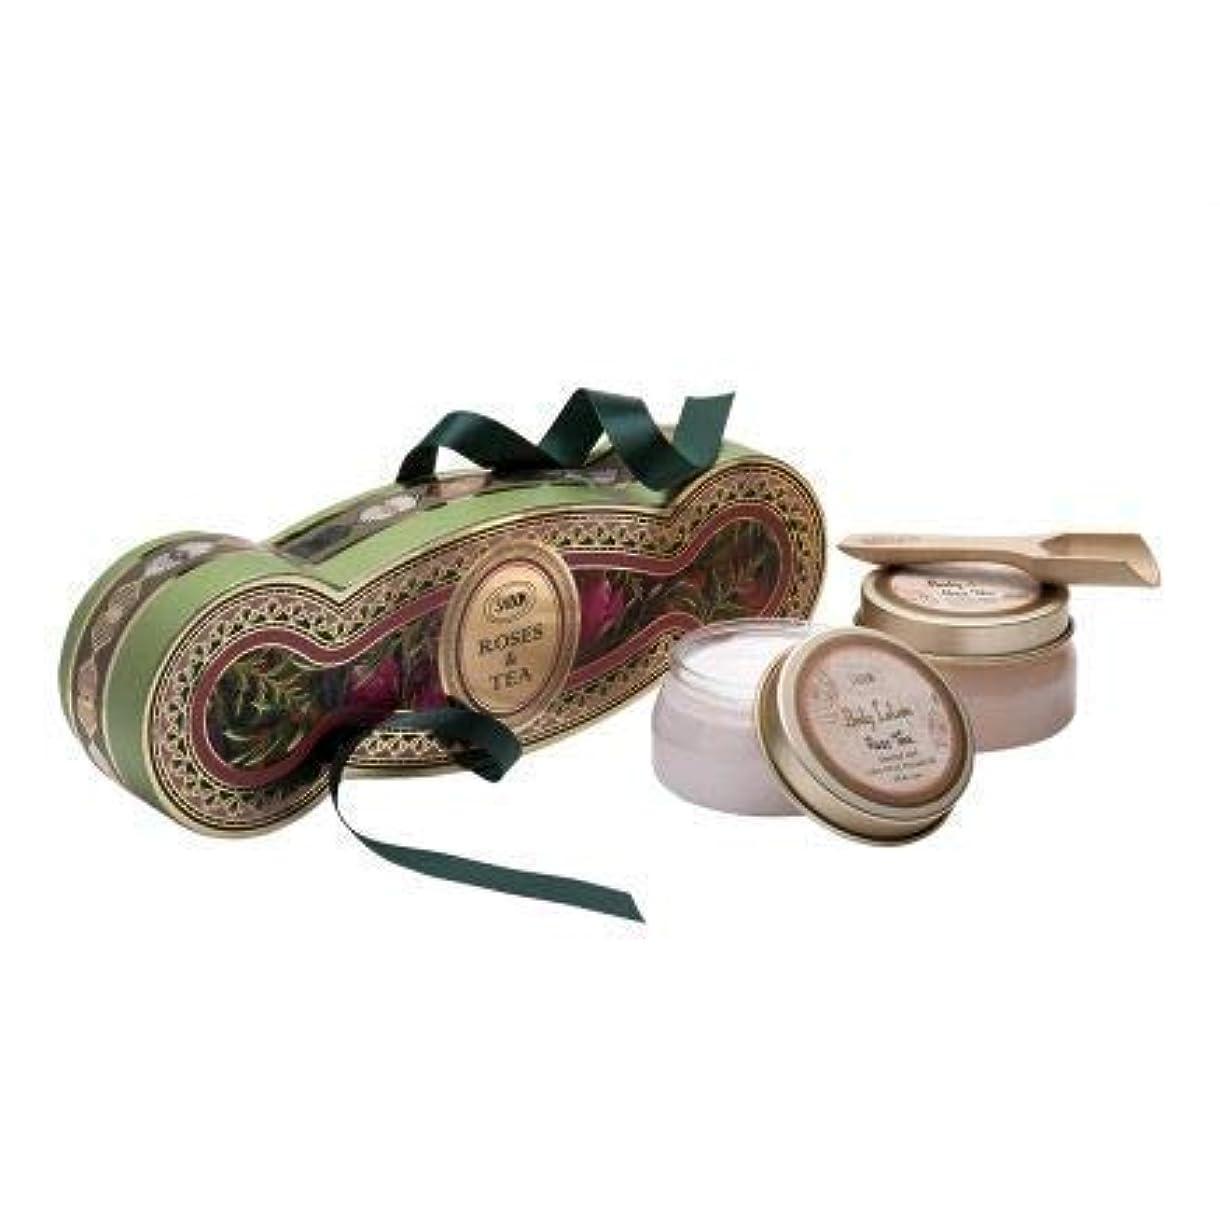 ジャーナリストアライメント居心地の良いサボン コフレ ギフト ローズティー キット ボディスクラブ ボディローション ホワイトデー SABON Rose Tea kit コレクション